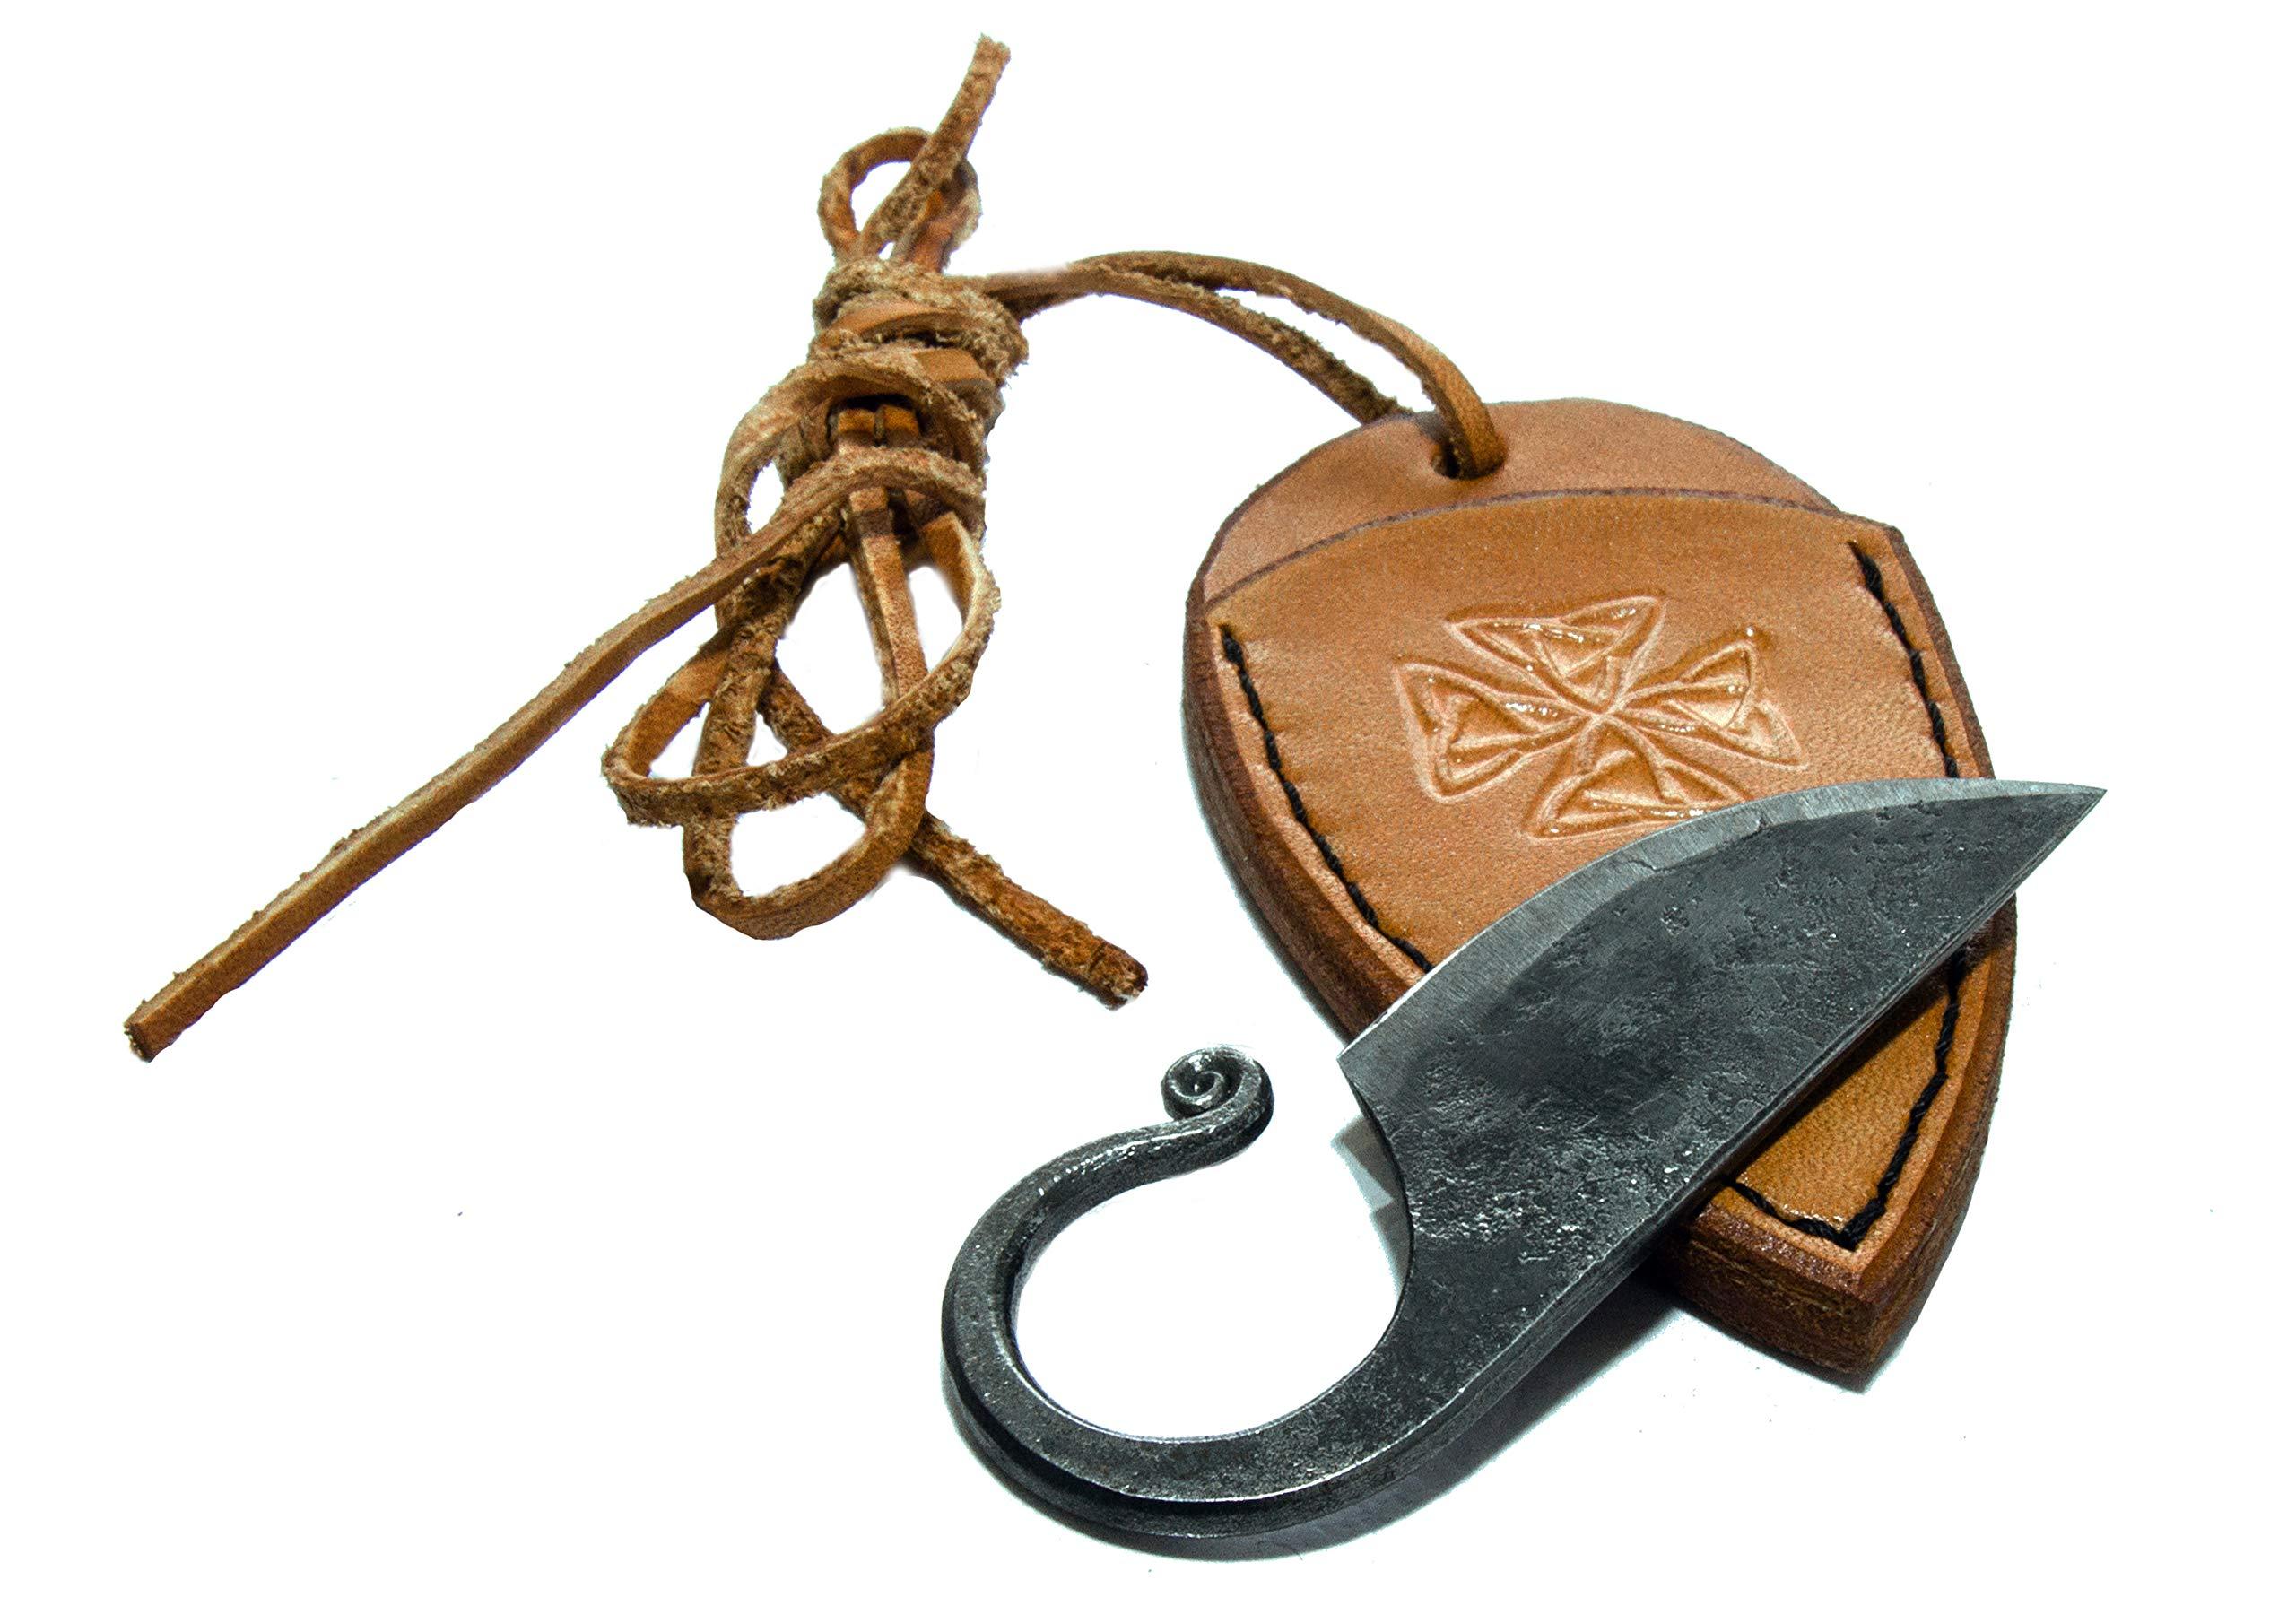 Original Gift, Celtic Pocket Knife, Hand Forged Knife.Hardened Blade. By Toferner. by Toferner